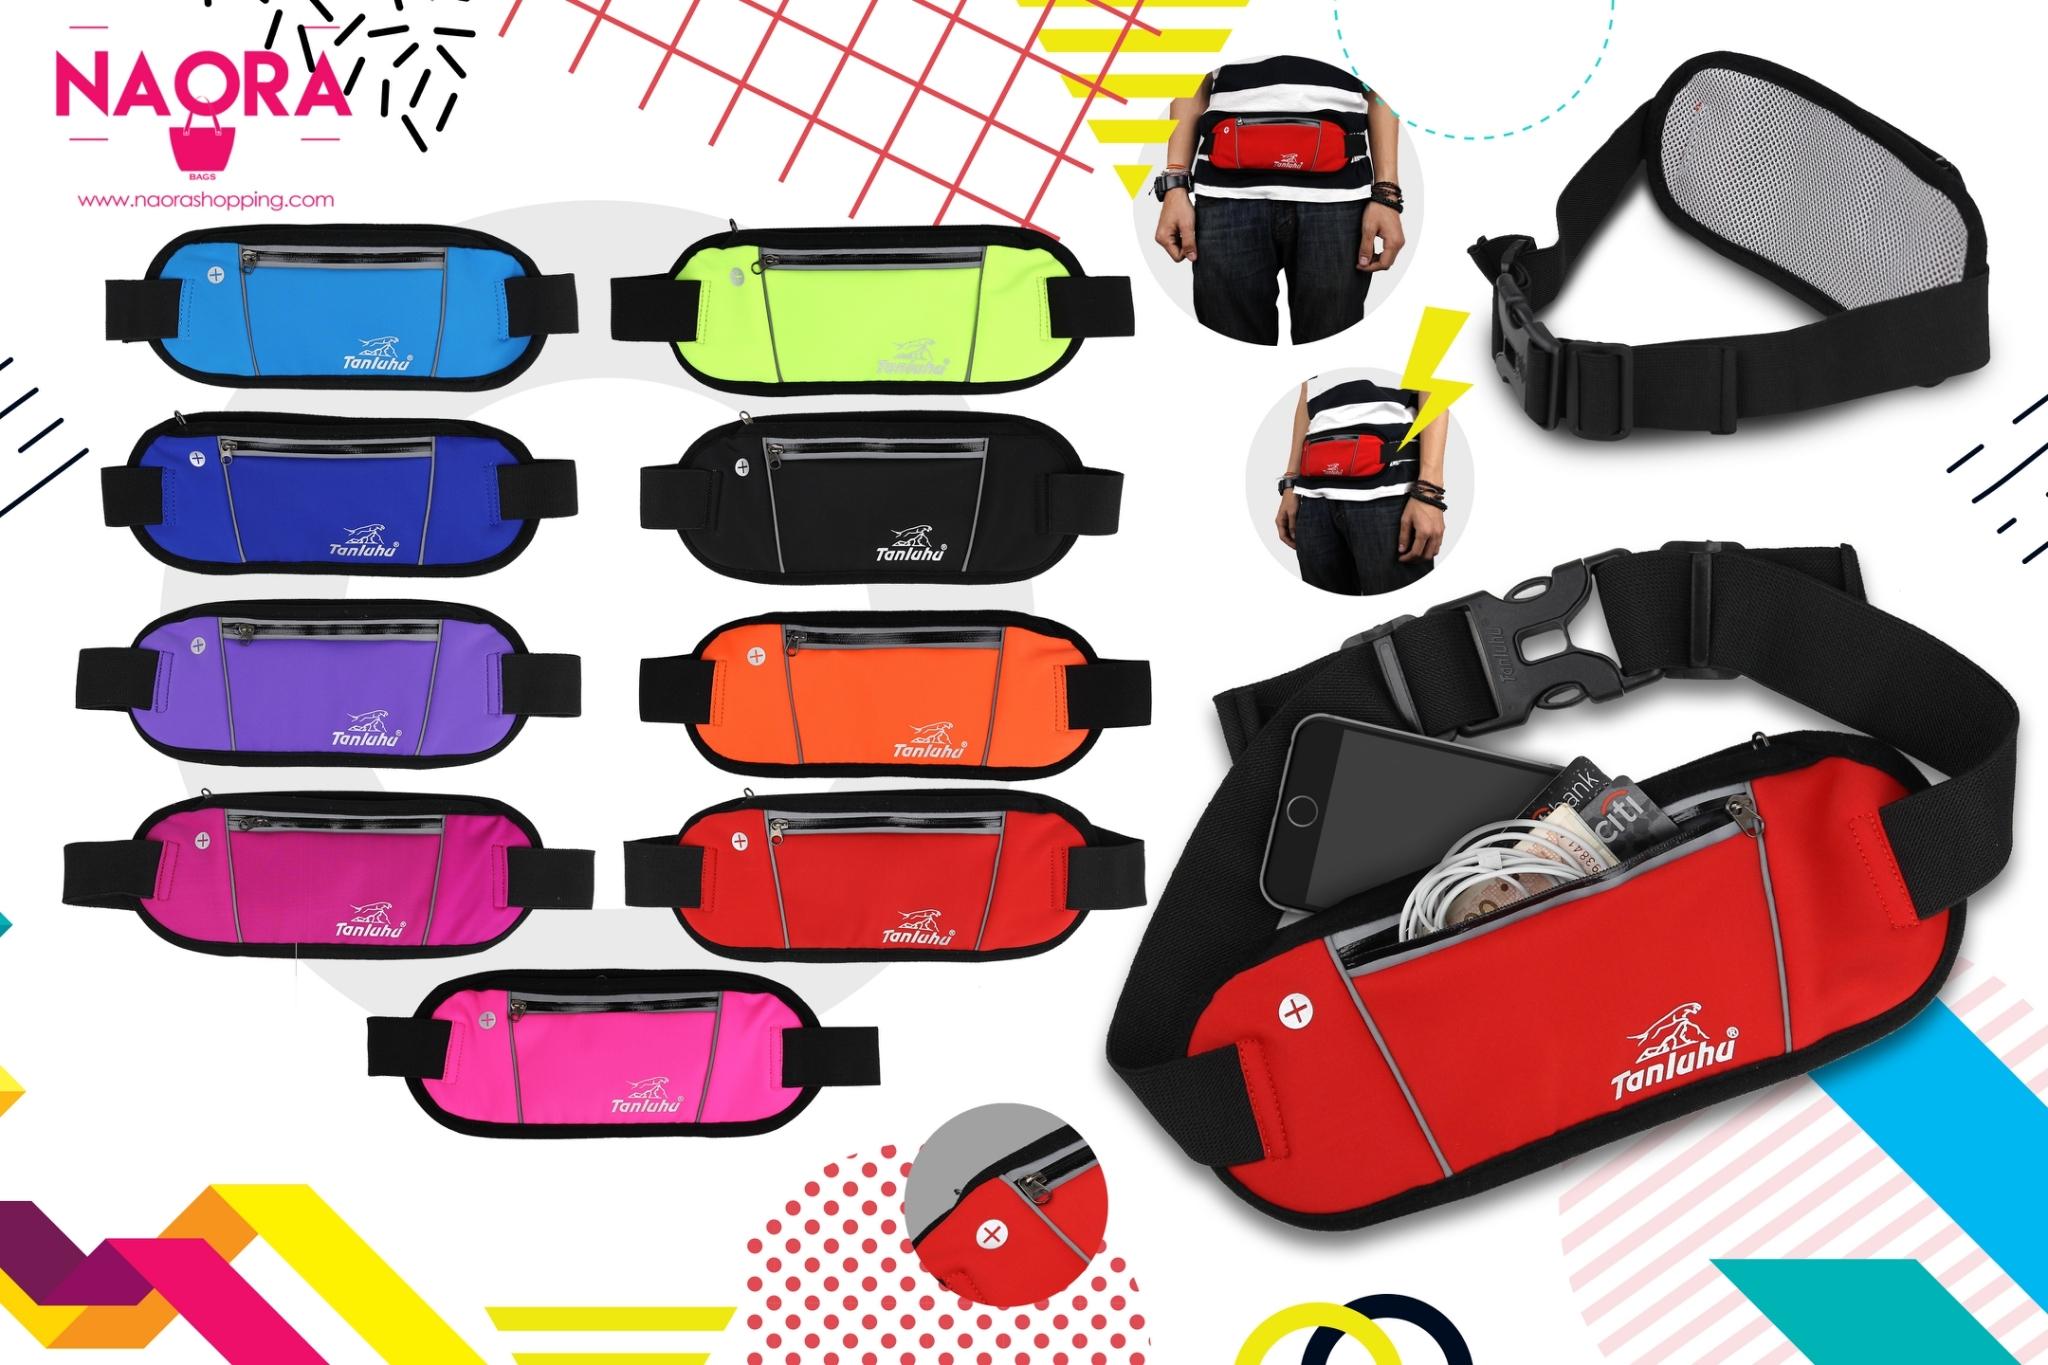 กระเป๋าคาดเอว Sport Tanluhu 1 ซิป